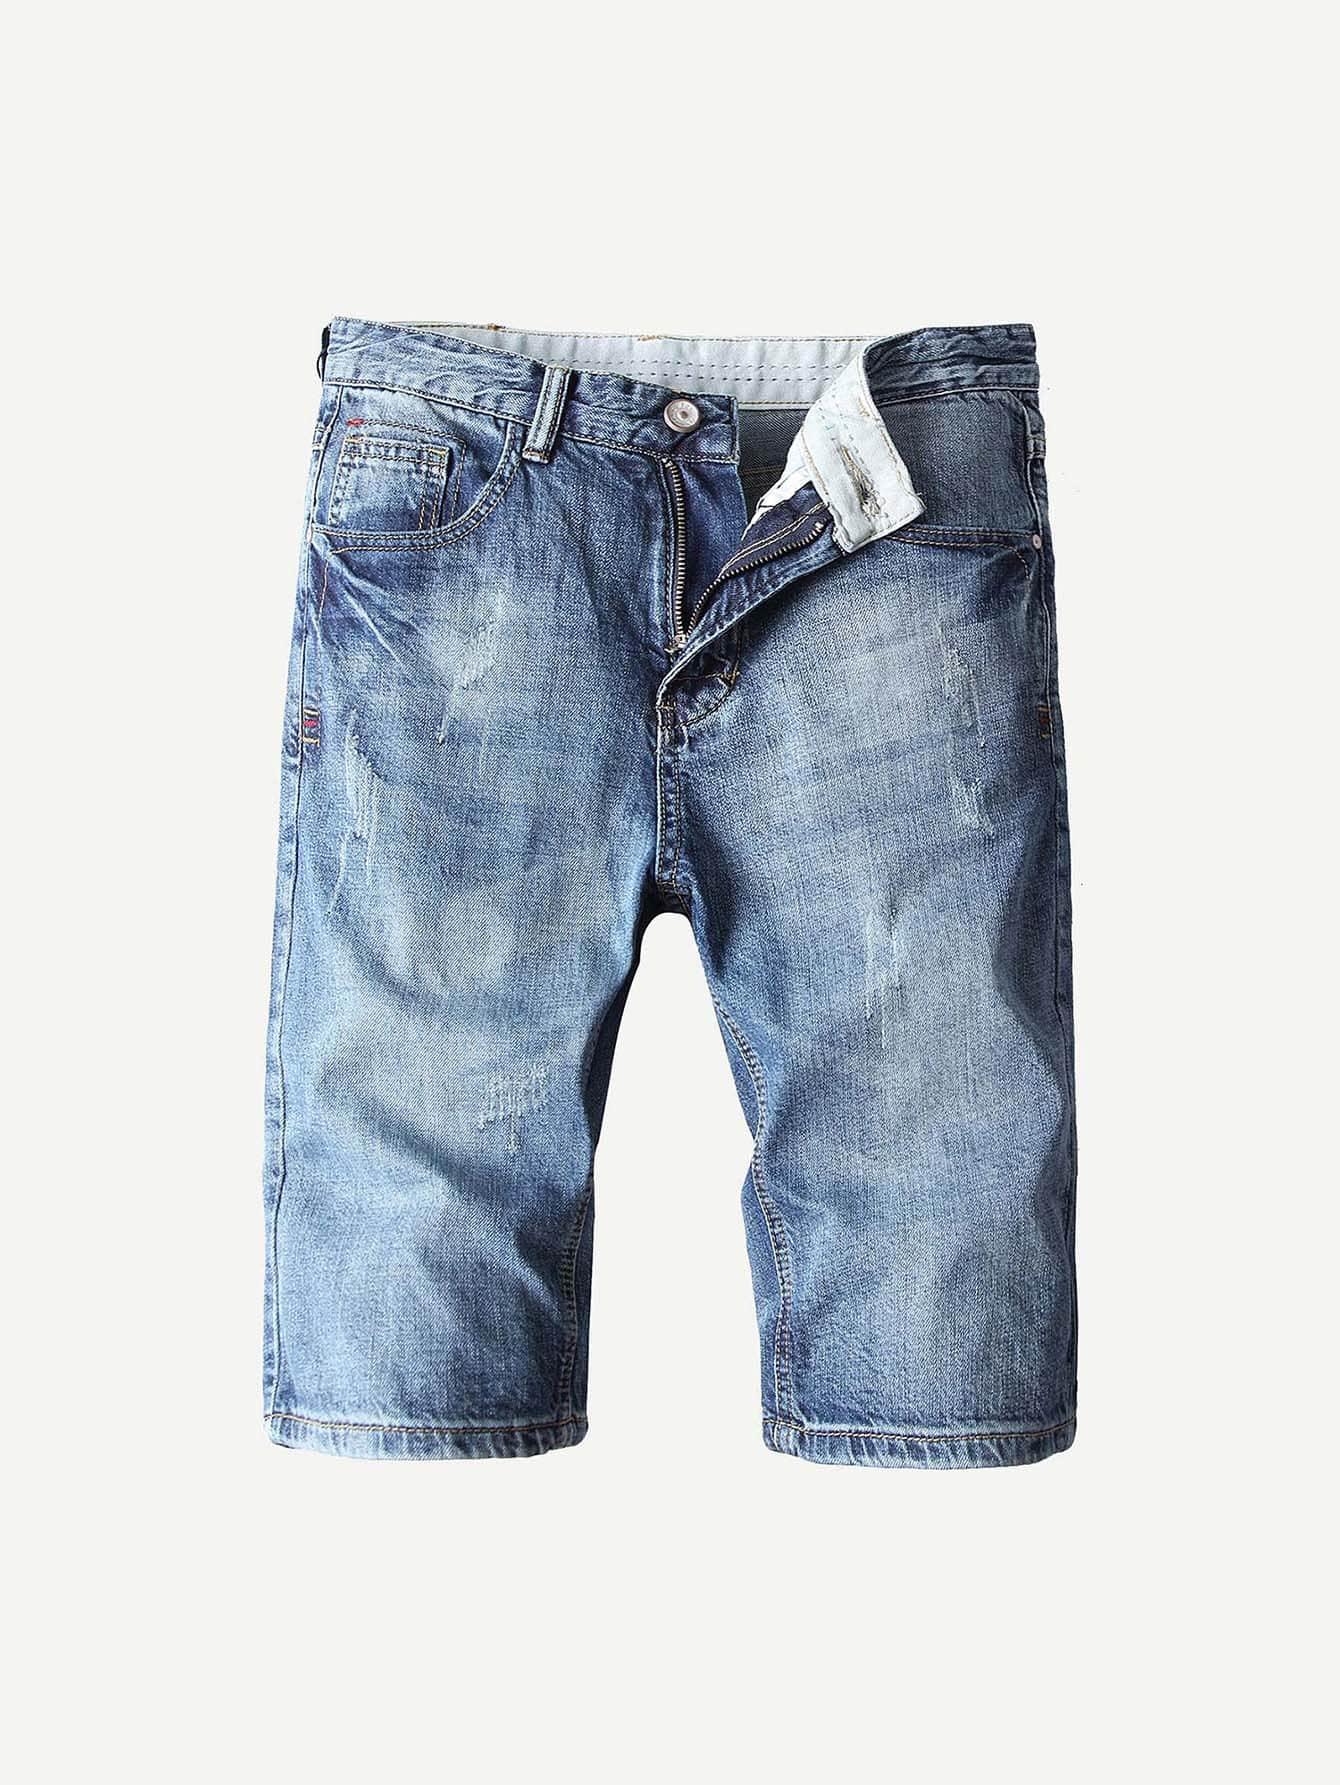 Купить Простые джинсовые шорты для мужчины, null, SheIn